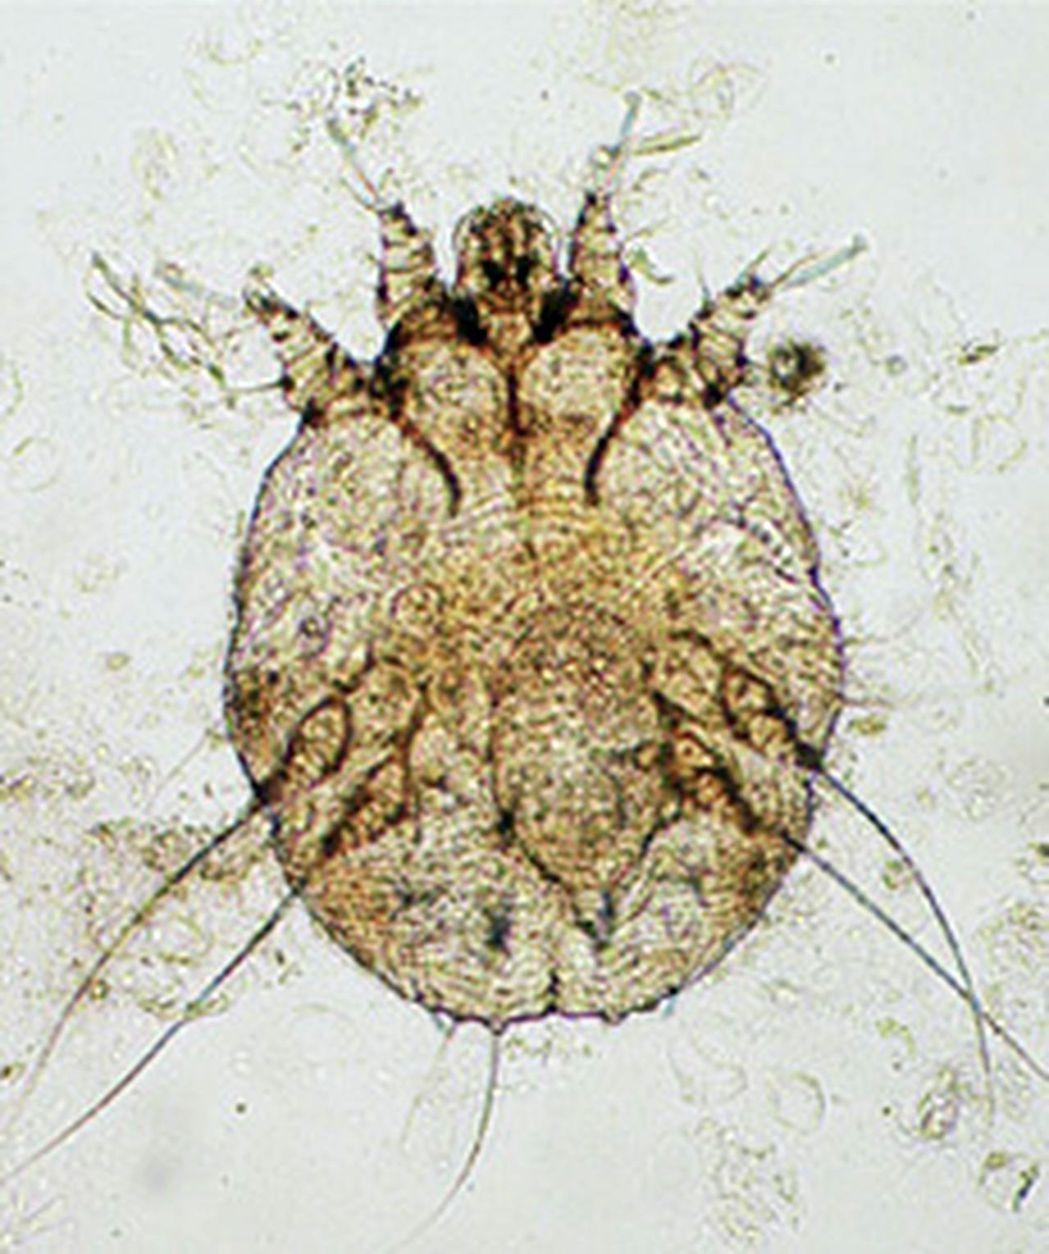 蚧蟲體小,肉眼看不到,寄宿皮膚角質層後會引起感染性發炎,皮膚起疹發癢。圖/義大醫...